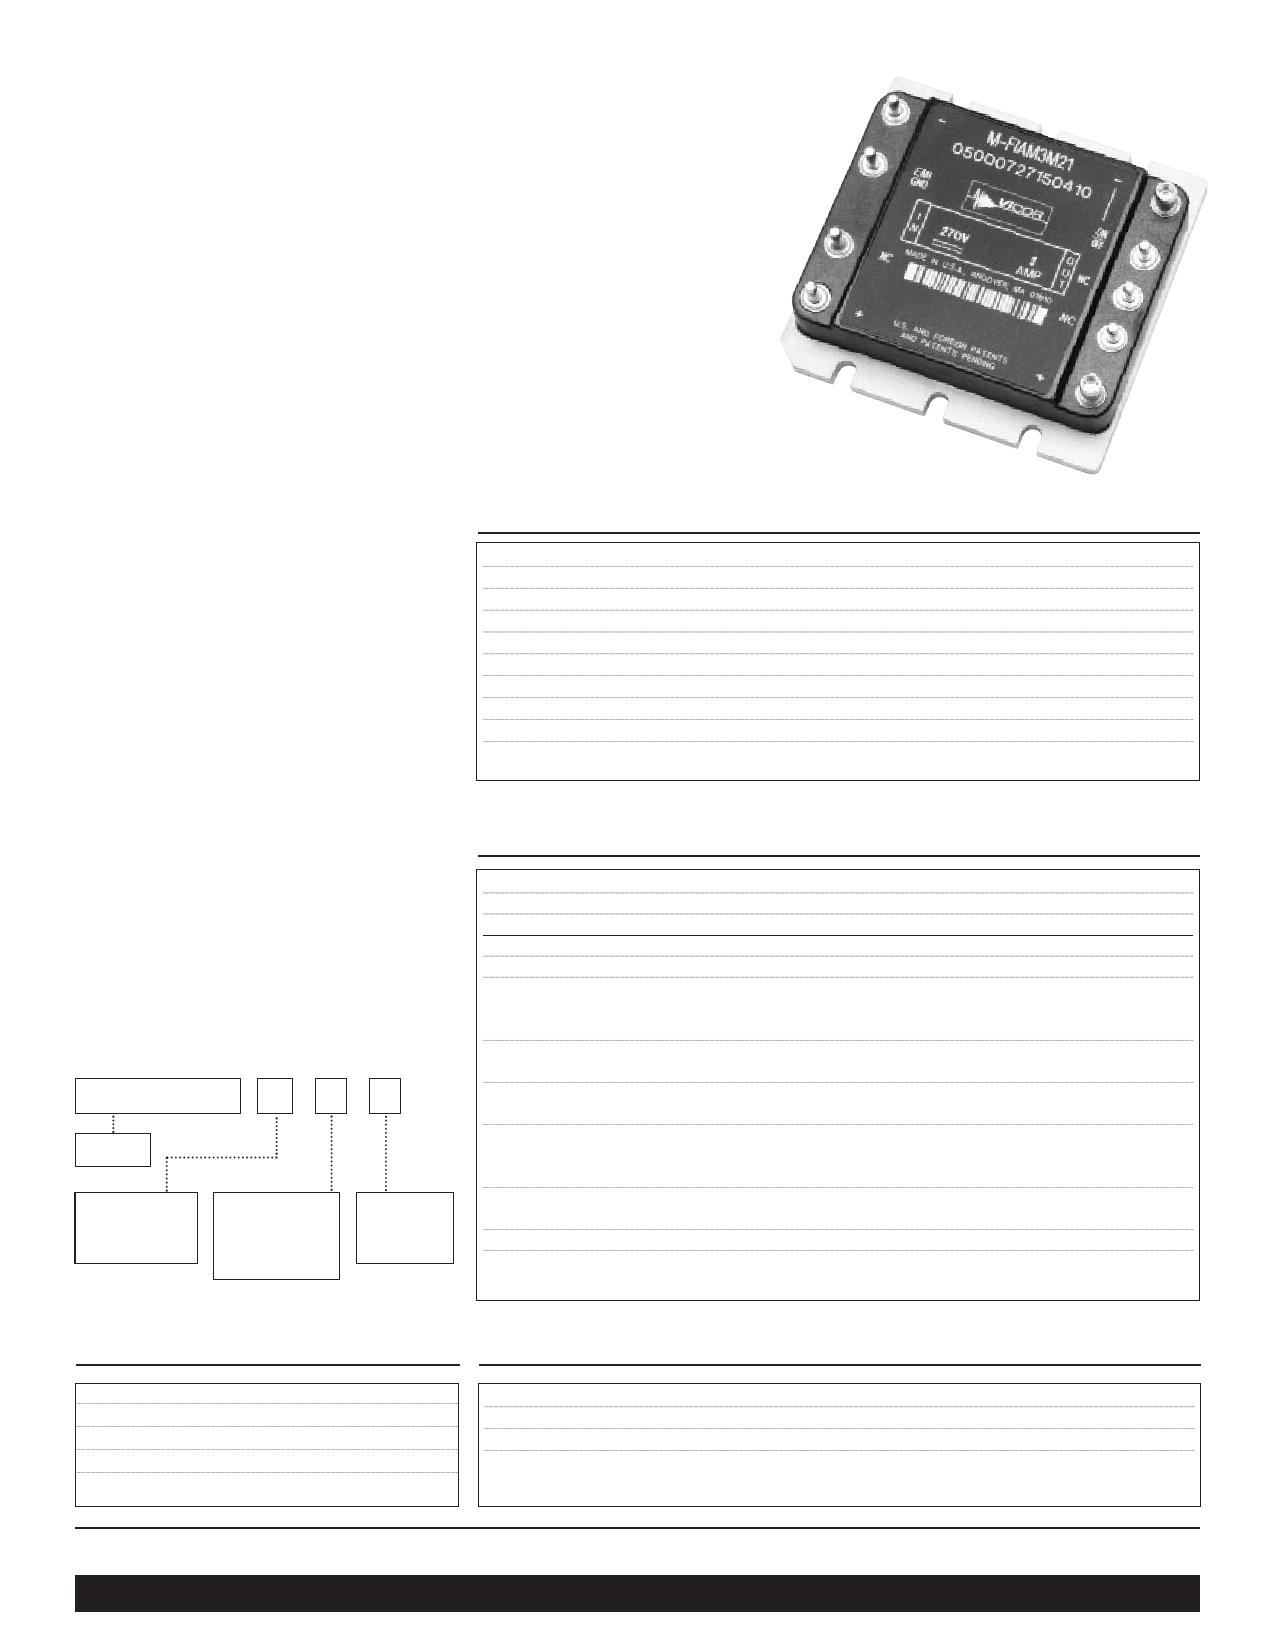 M-FIAM3MN3 datasheet